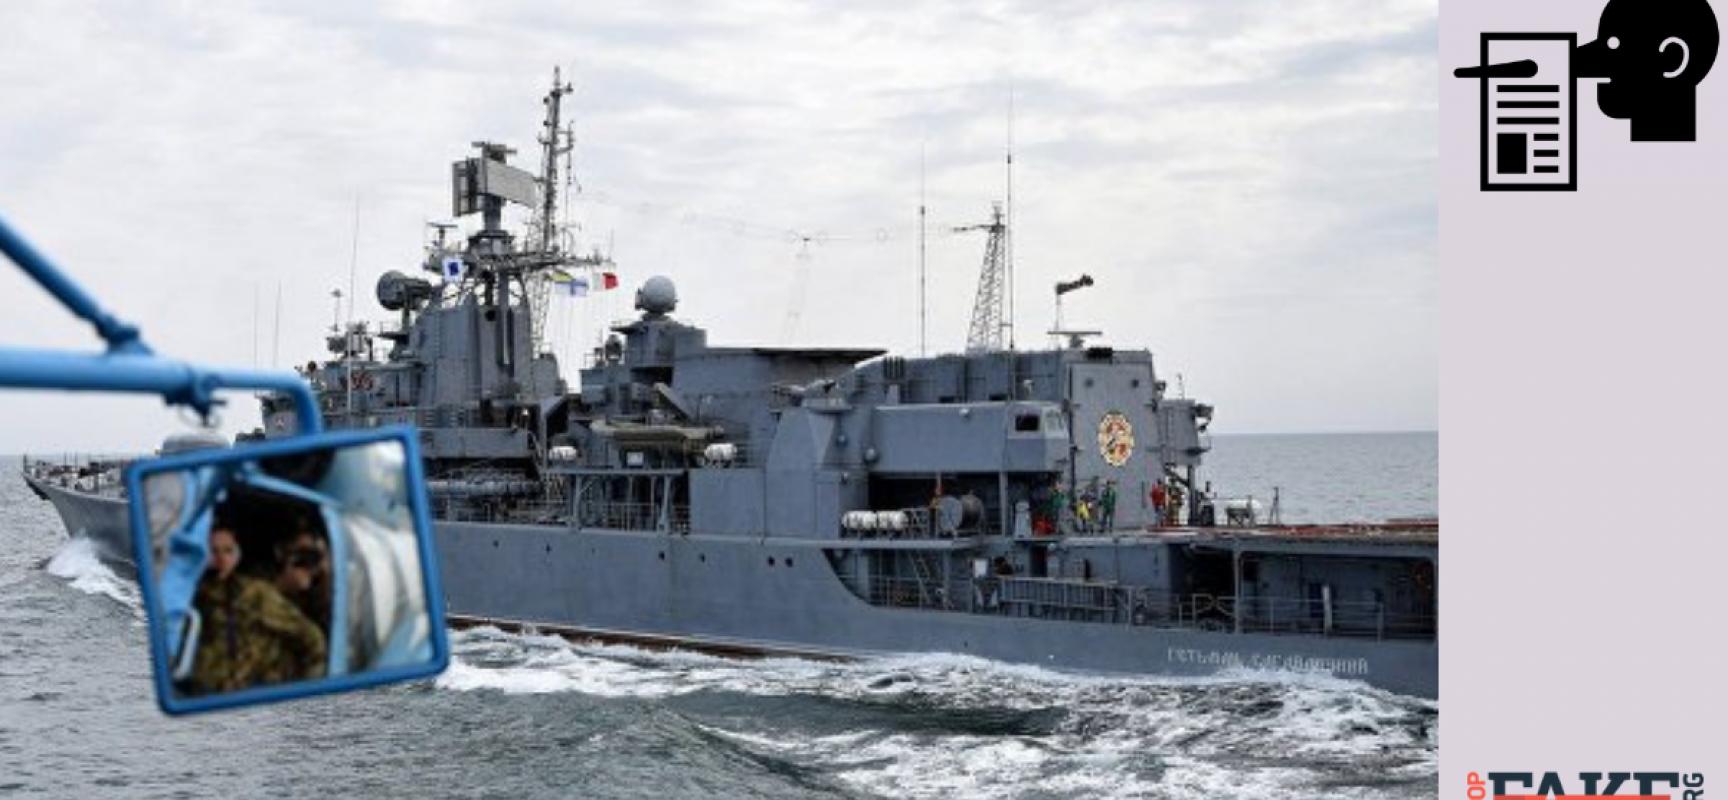 Фейк: Украина будет задерживать в Черном море все суда РФ и стрелять на поражение